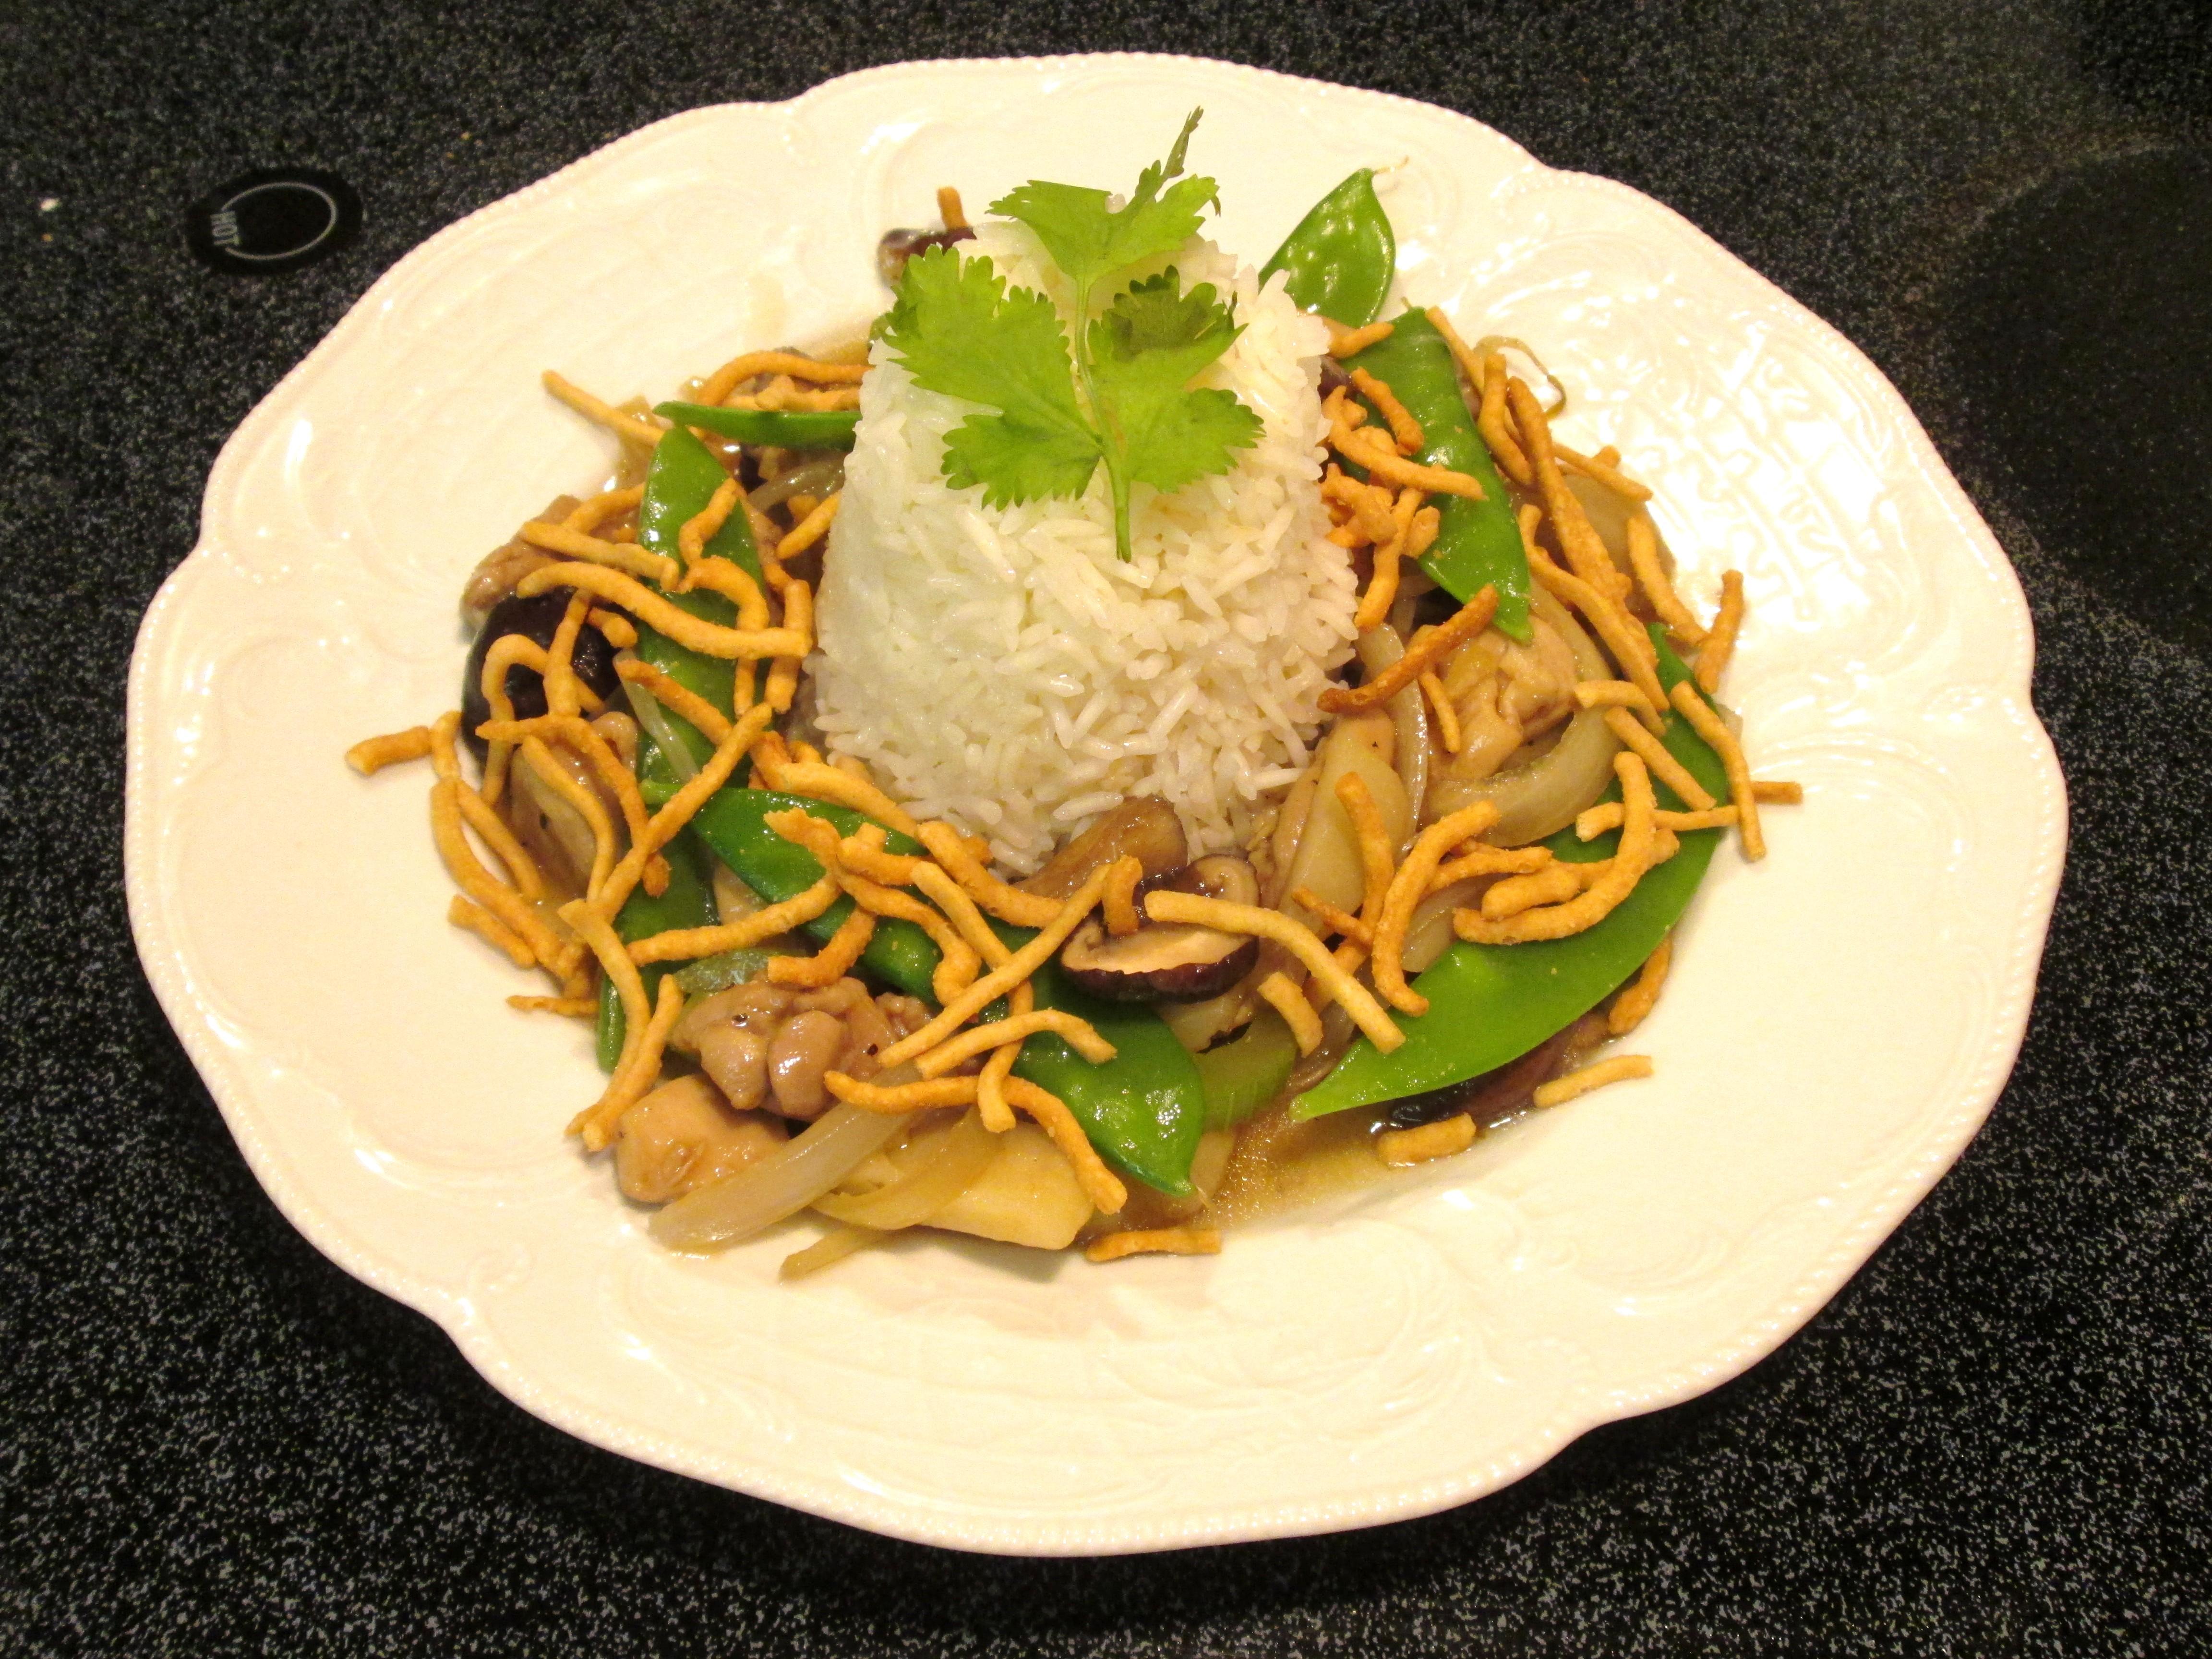 Eastern Chicken Chow Mein